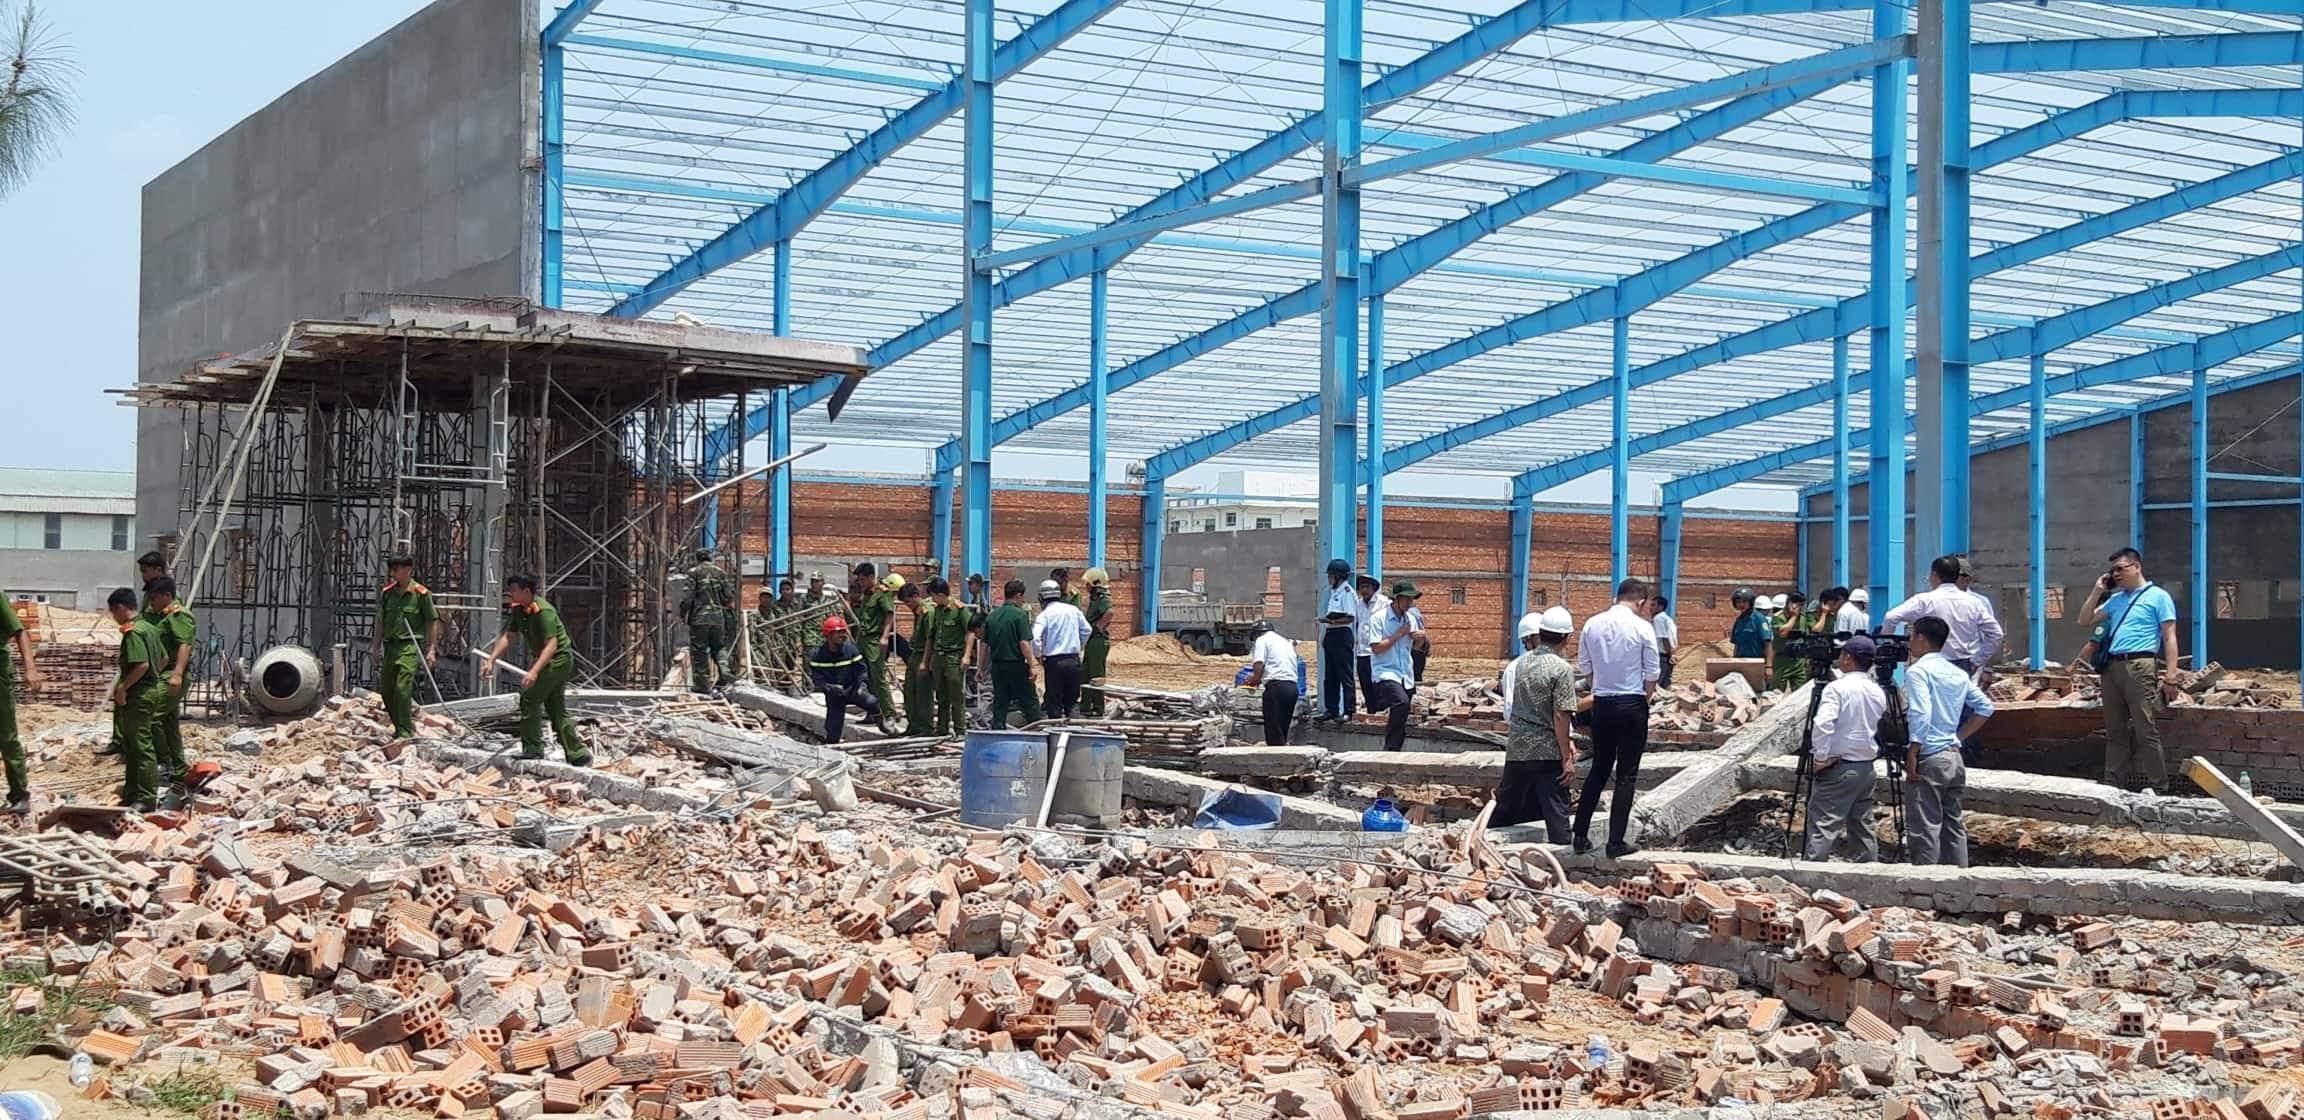 Nguyên nhân gây ra vụ sập tường khiến 6 người tử vong ở Vĩnh Long 1